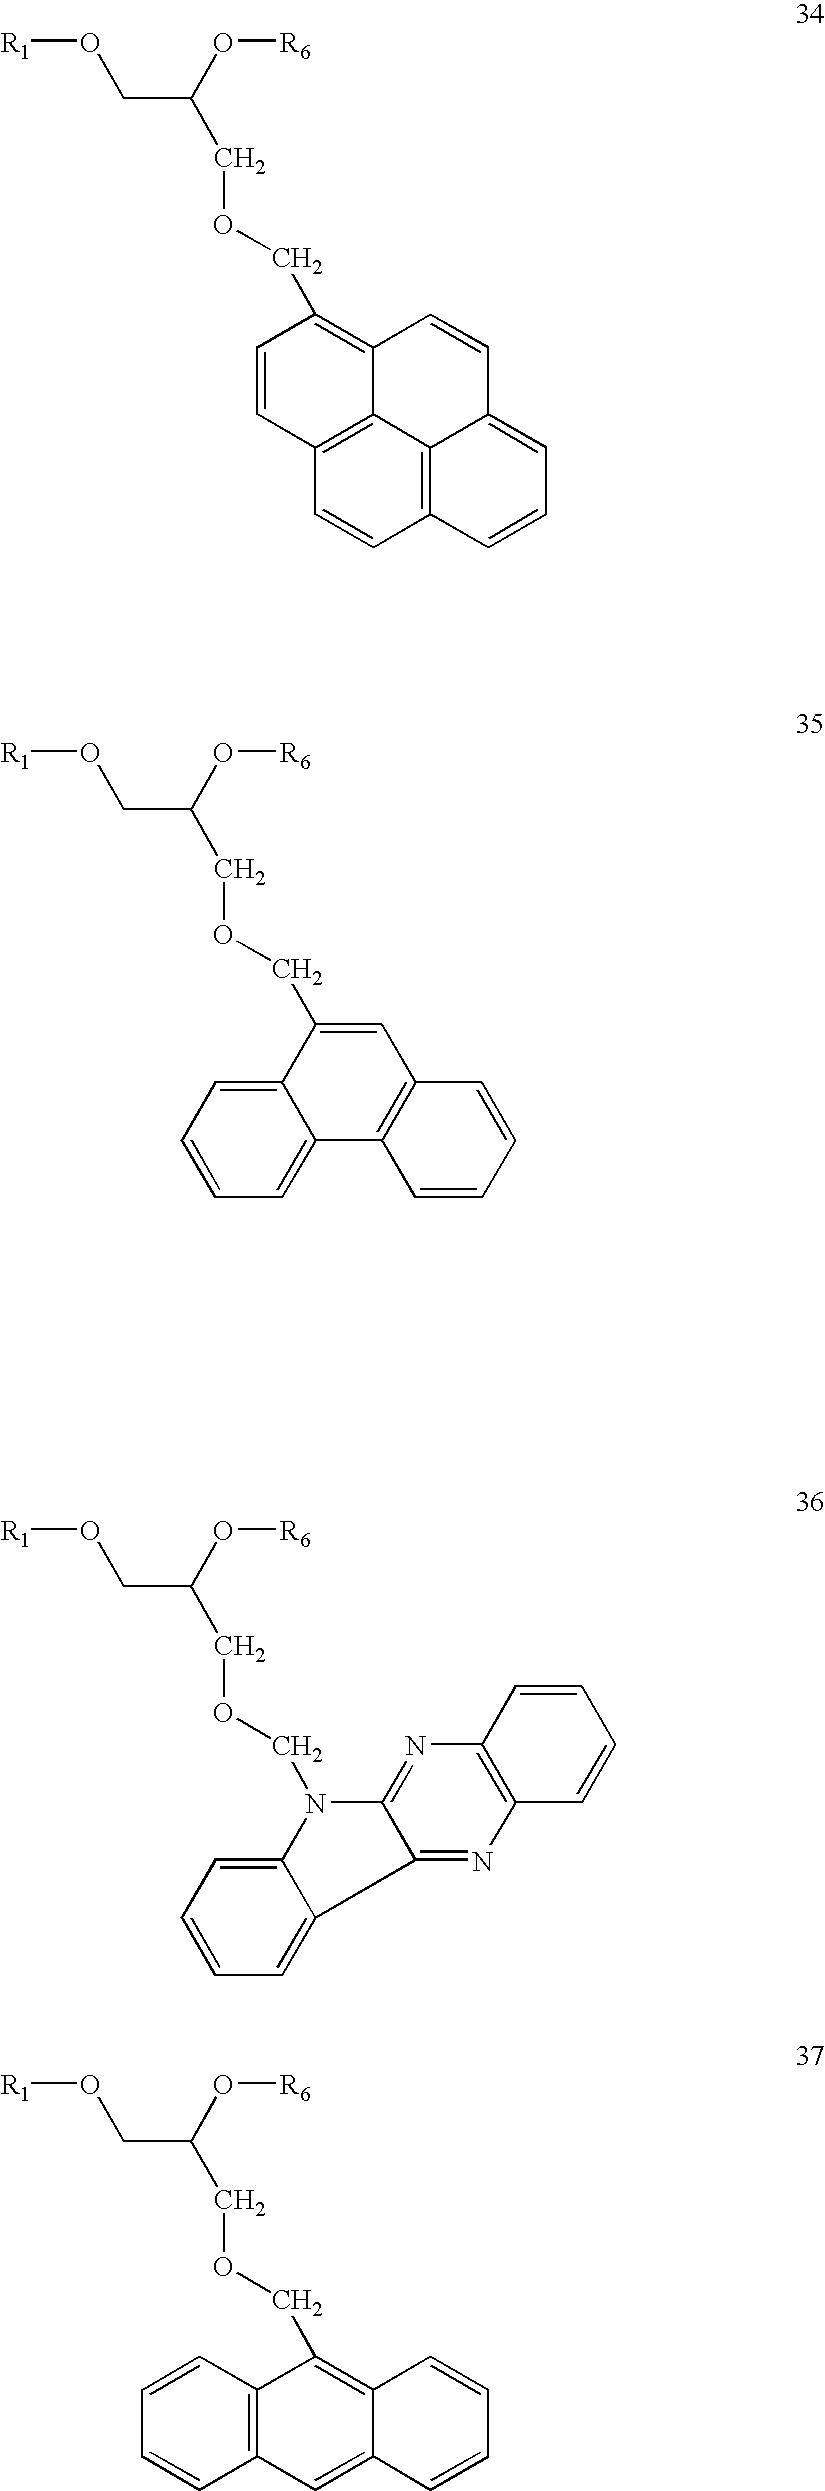 Figure US20060014144A1-20060119-C00094